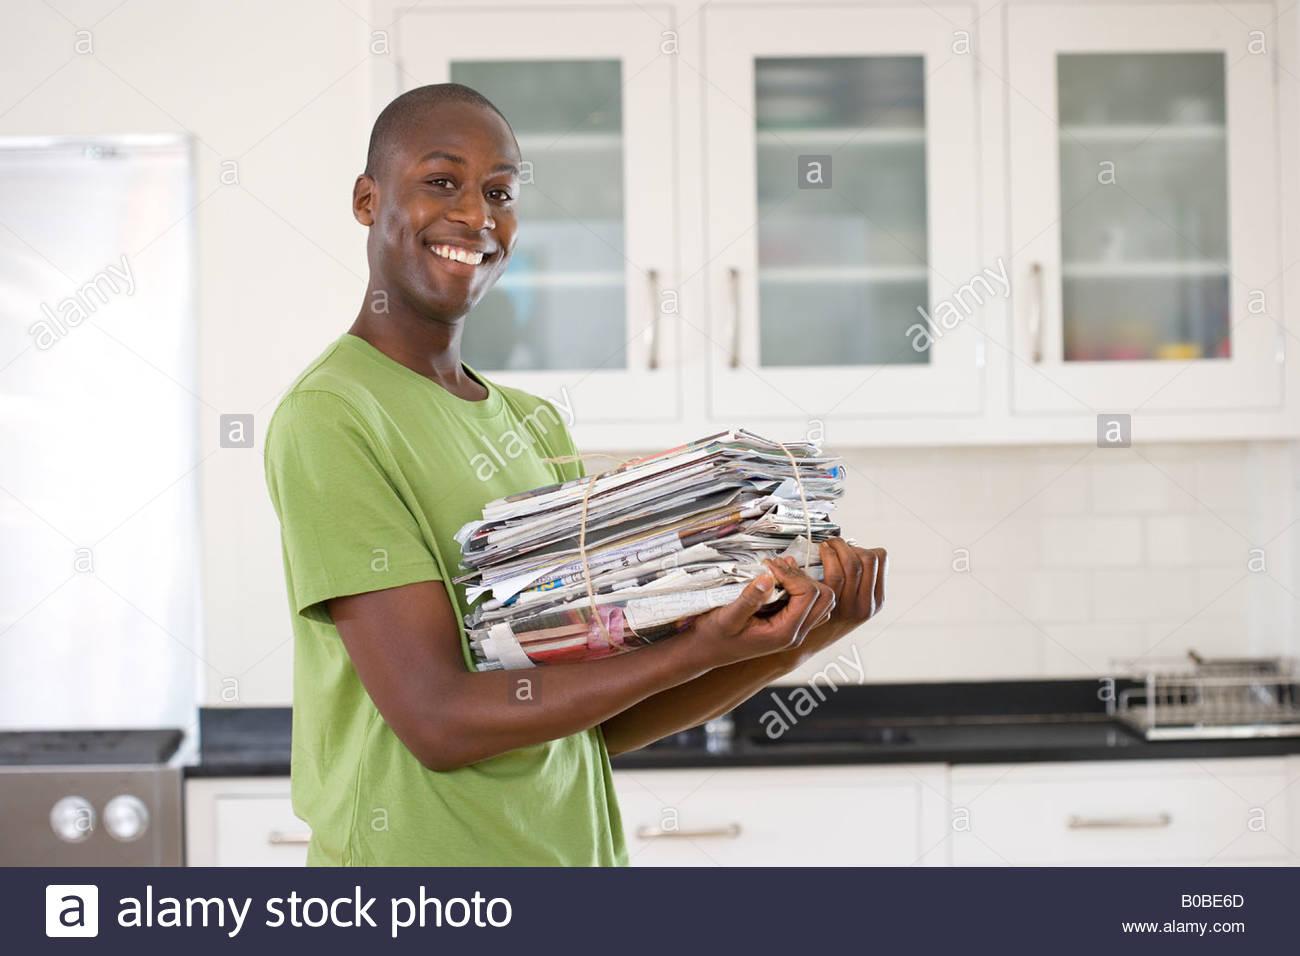 Jeune homme avec l'ensemble de journaux dans la cuisine, smiling, portrait Banque D'Images